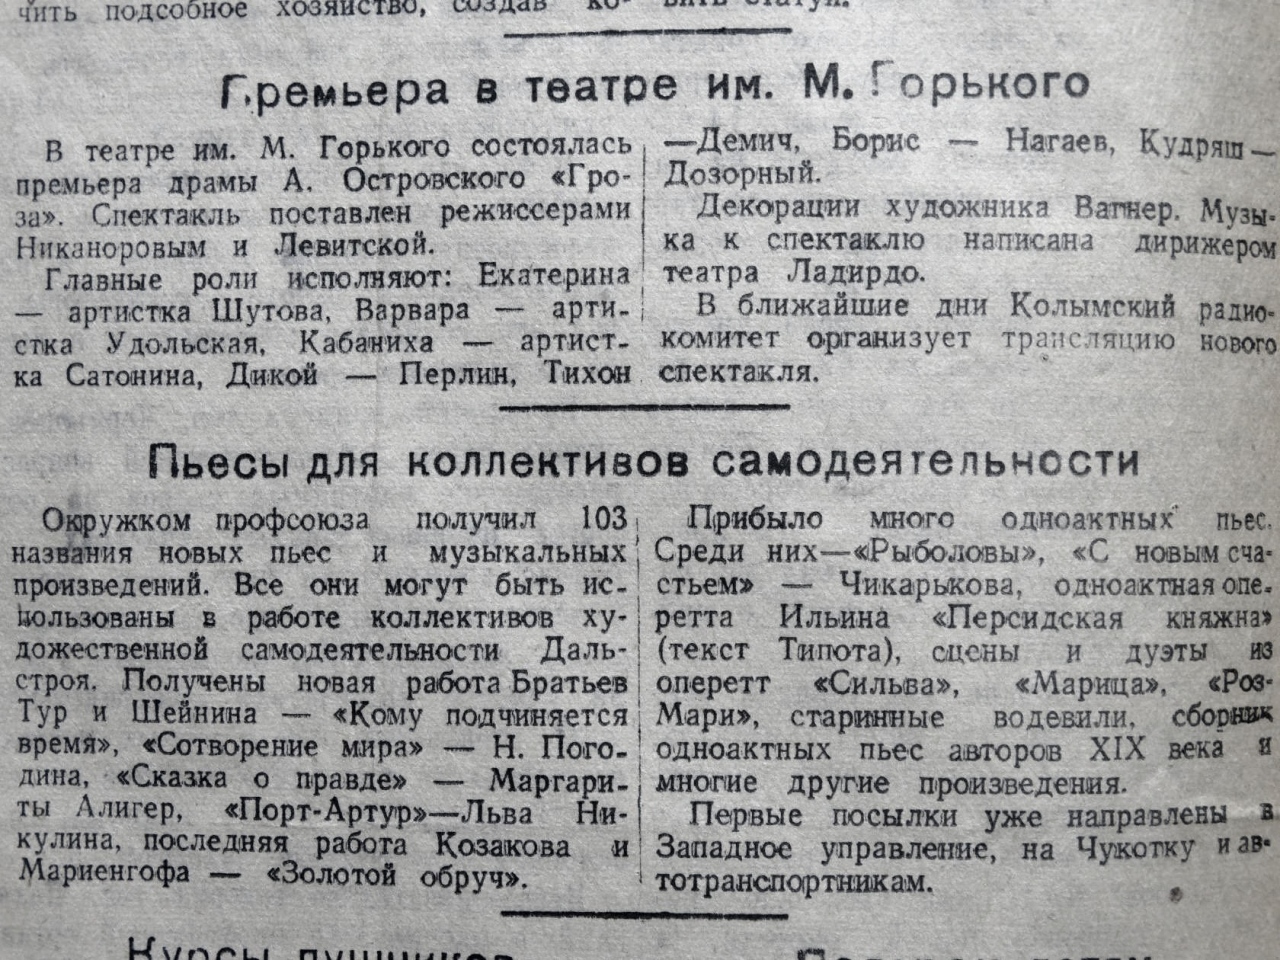 Премьера драмы Островского «Гроза».